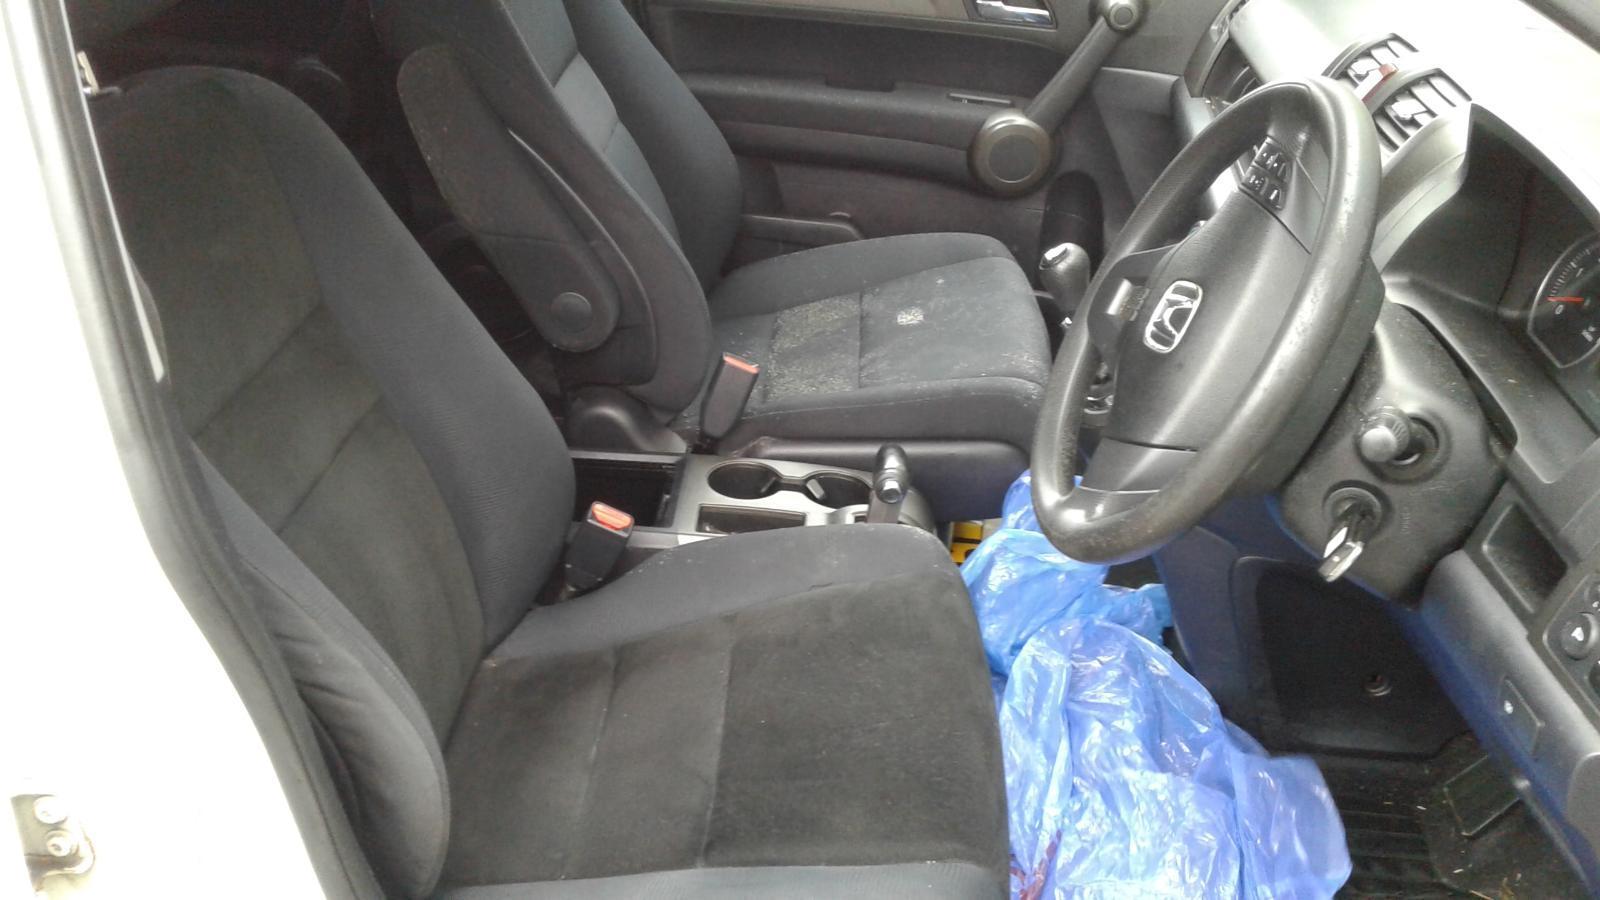 2011 HONDA CRV Image